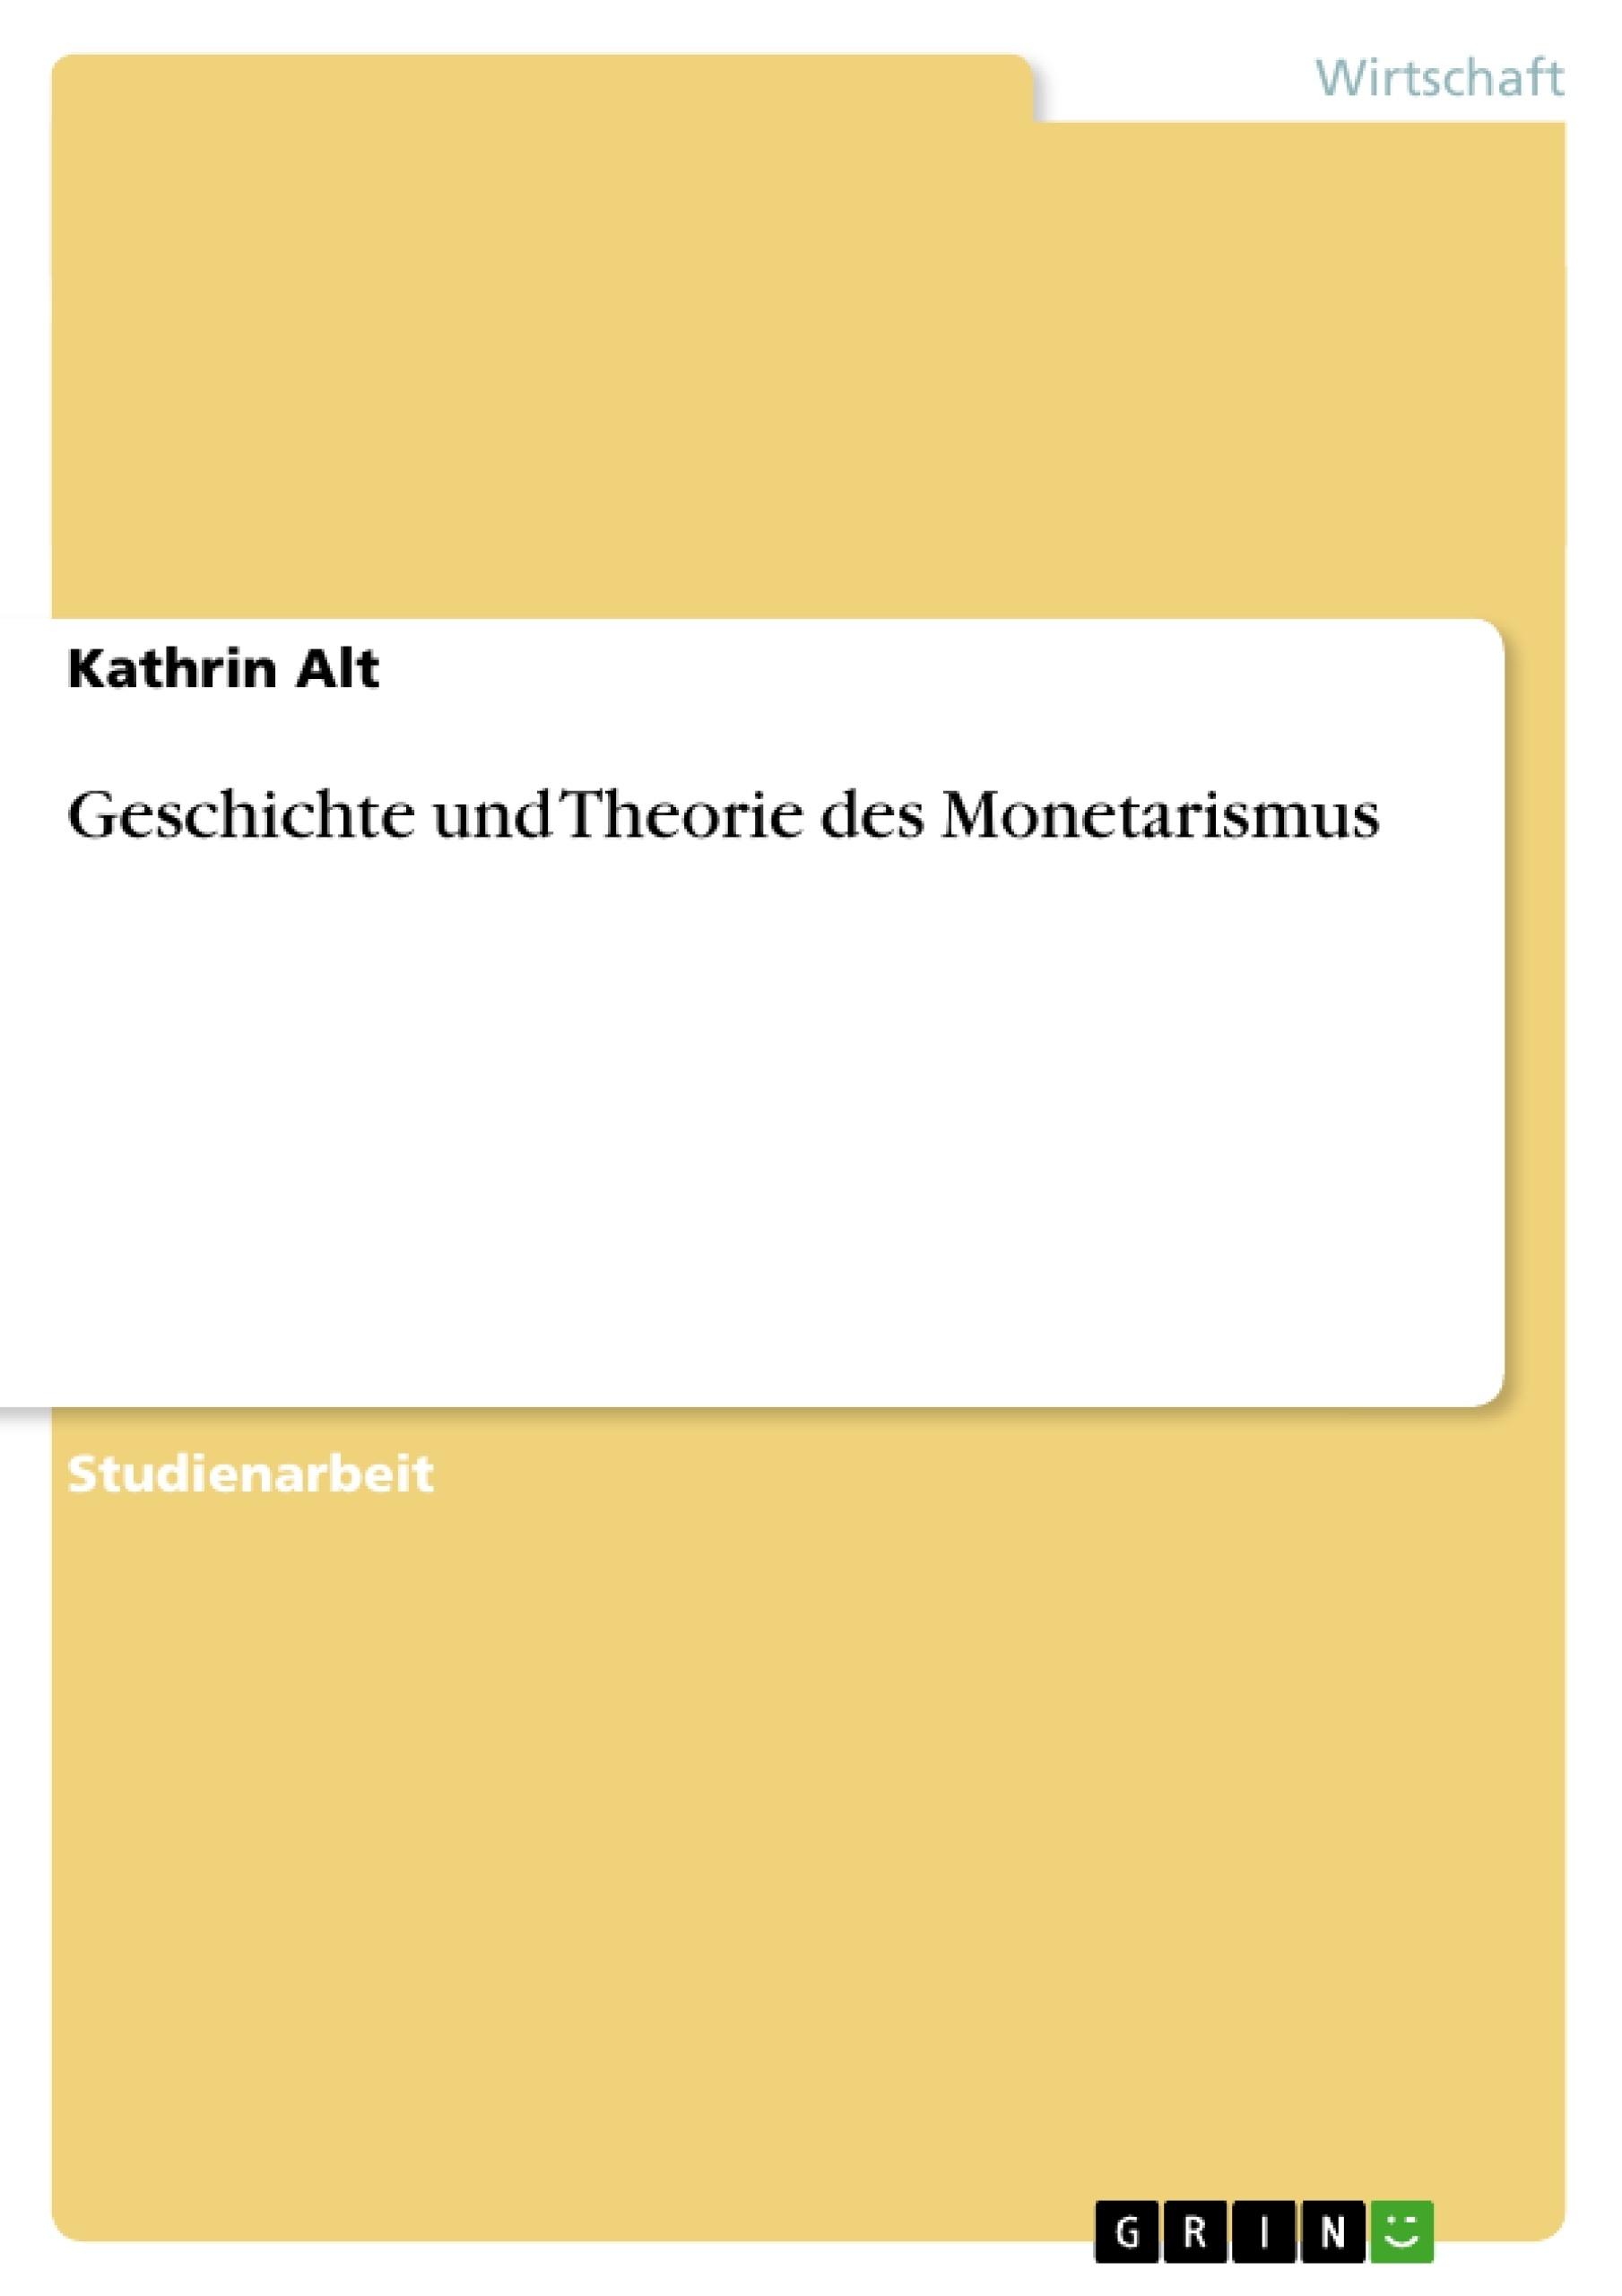 Titel: Geschichte und Theorie des Monetarismus